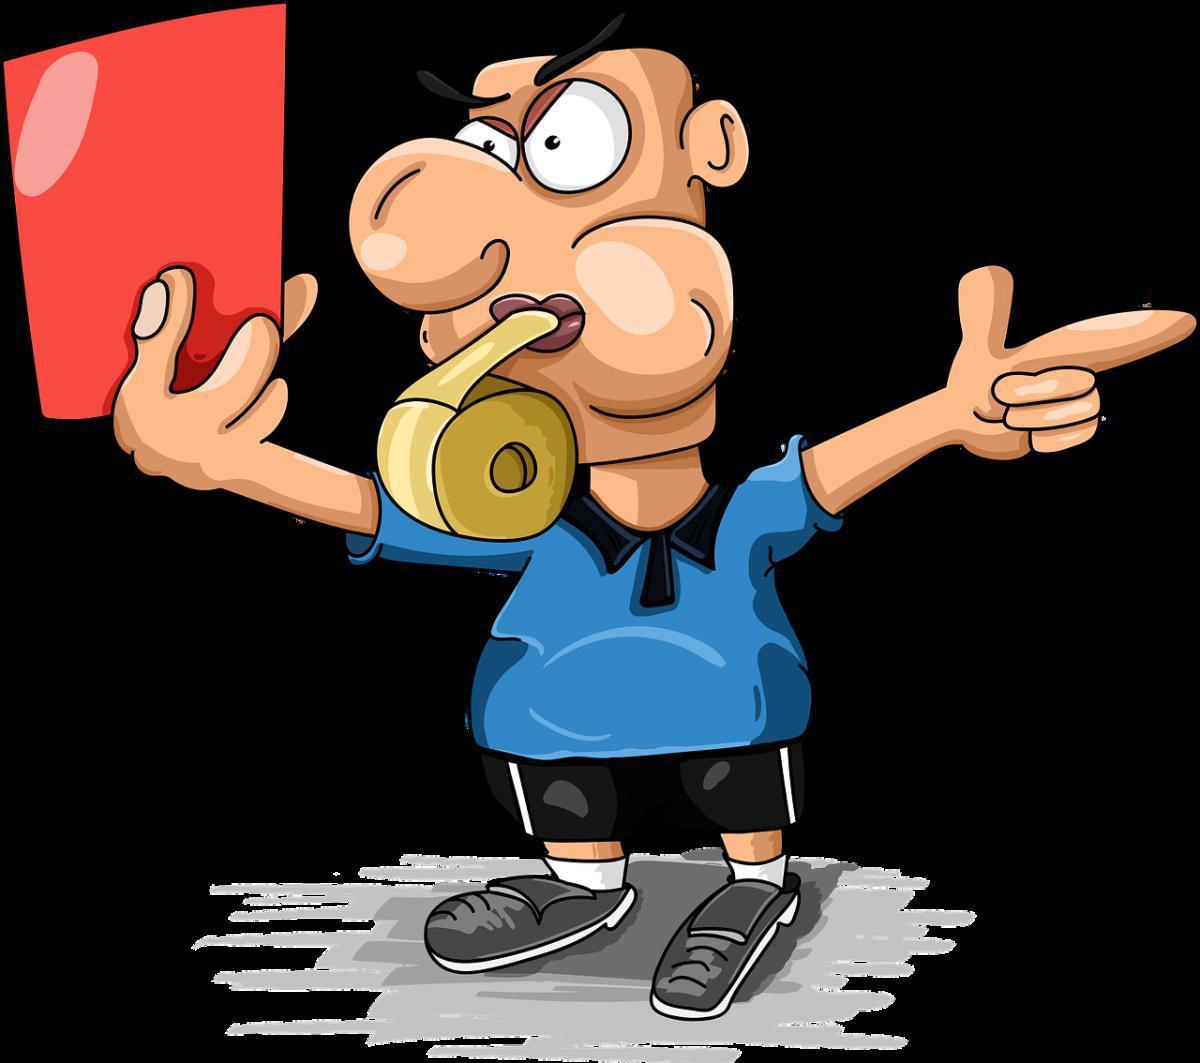 À l'employeur de prouver qu'il n'a pas atteint l'effectif imposant un règlement intérieur pour sanctionner un salarié.